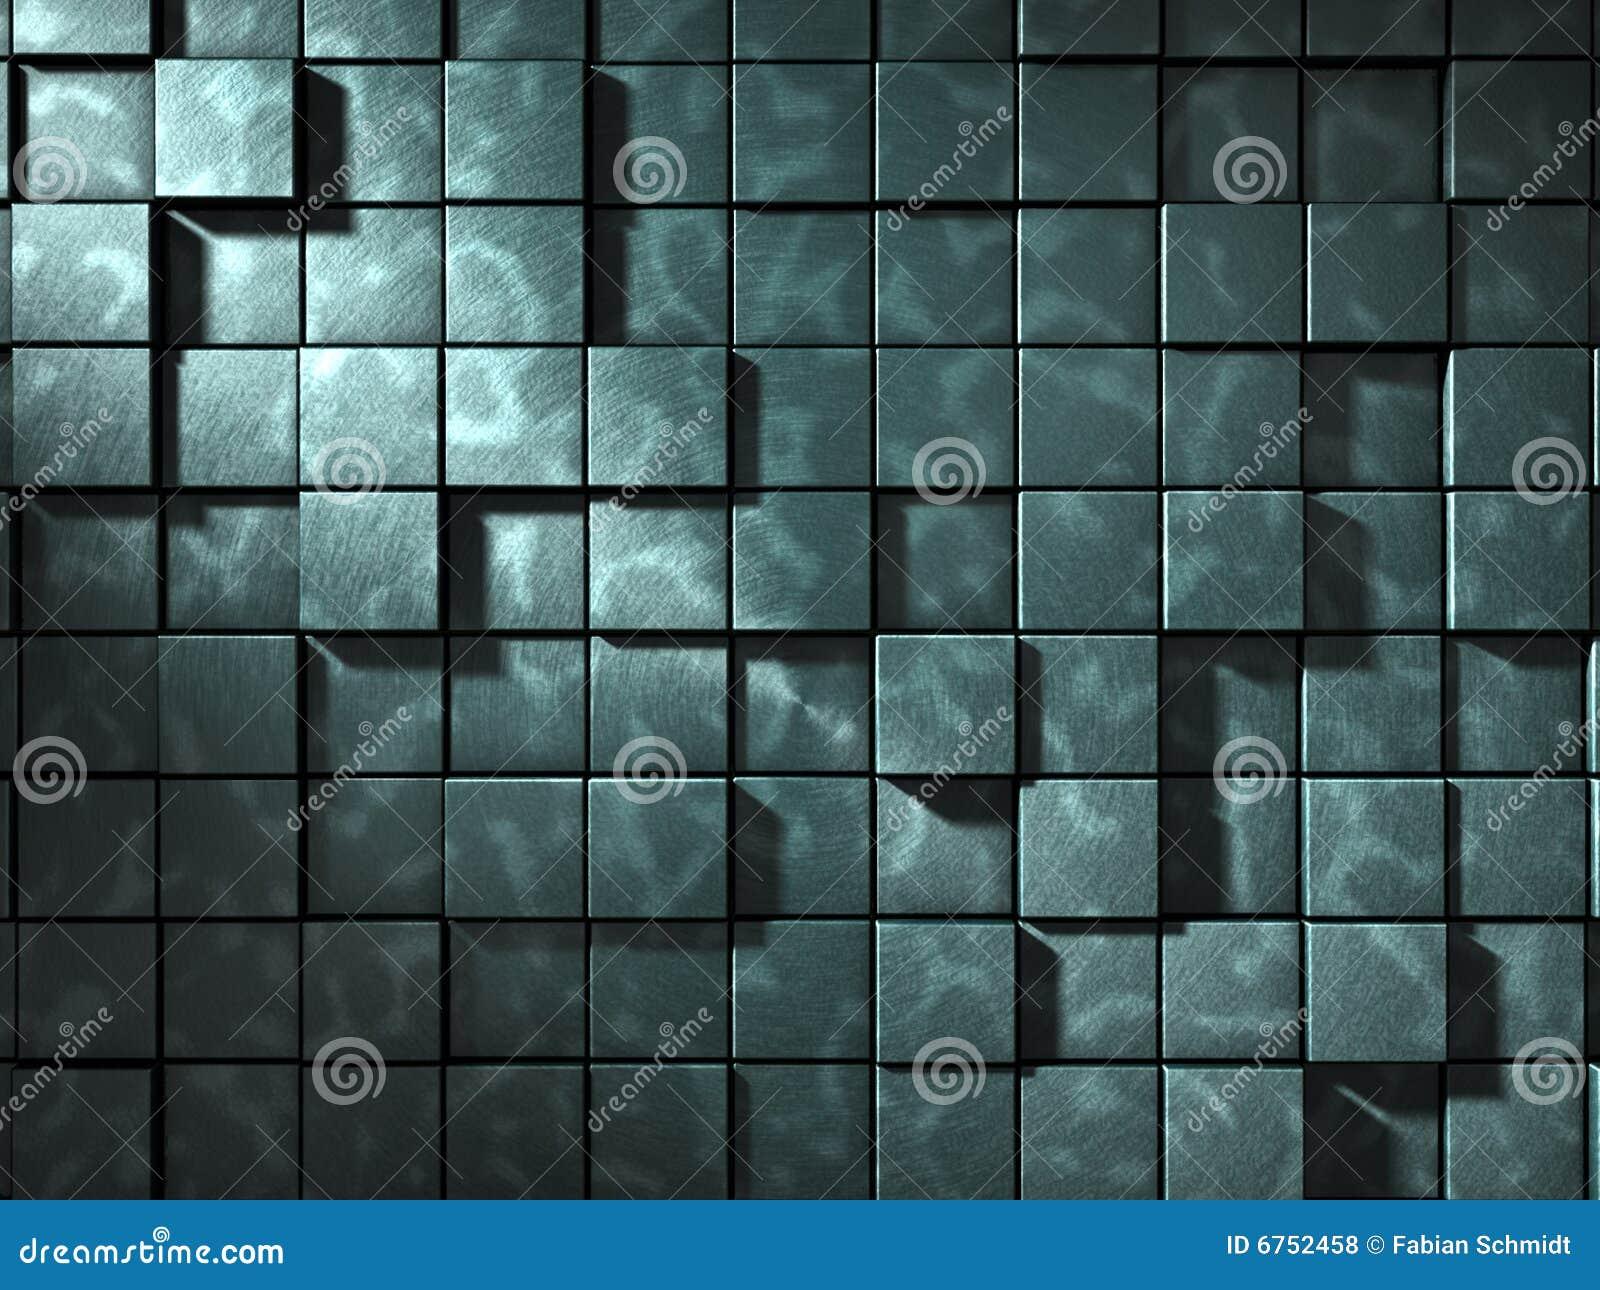 Chrom wand hintergrund lizenzfreie stockfotos bild 6752458 - Hintergrund wand ...